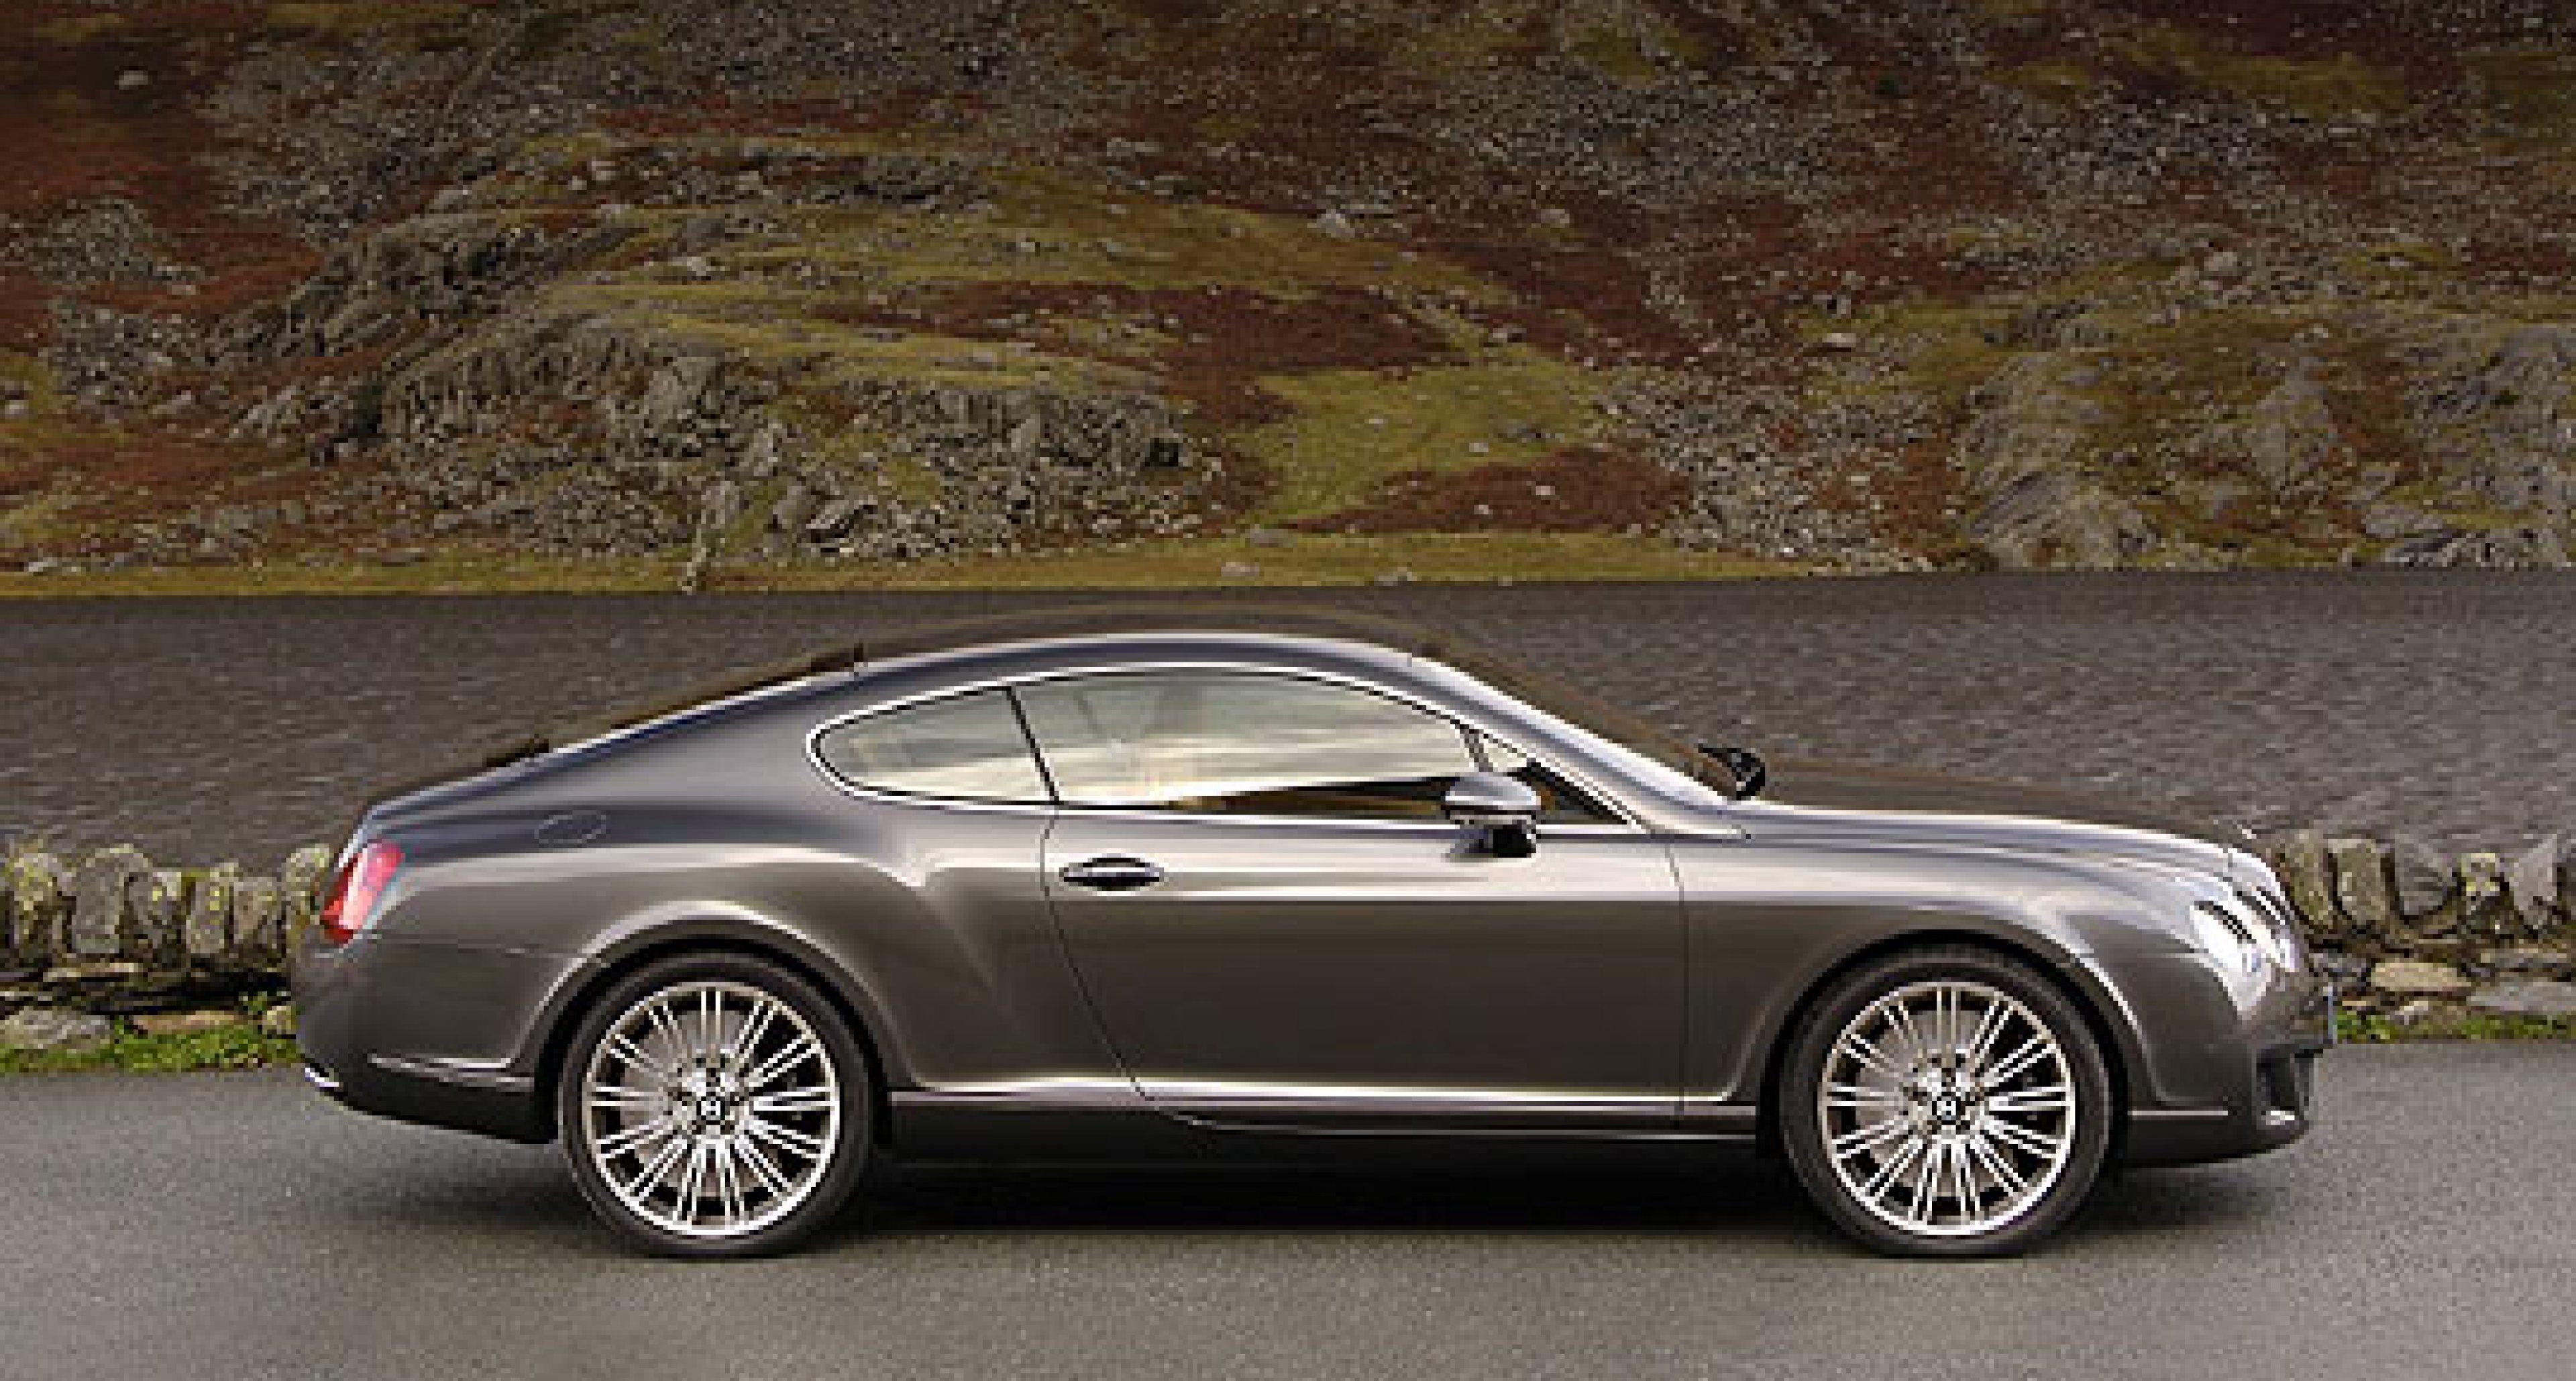 The 600bhp Bentley Continental GT Speed